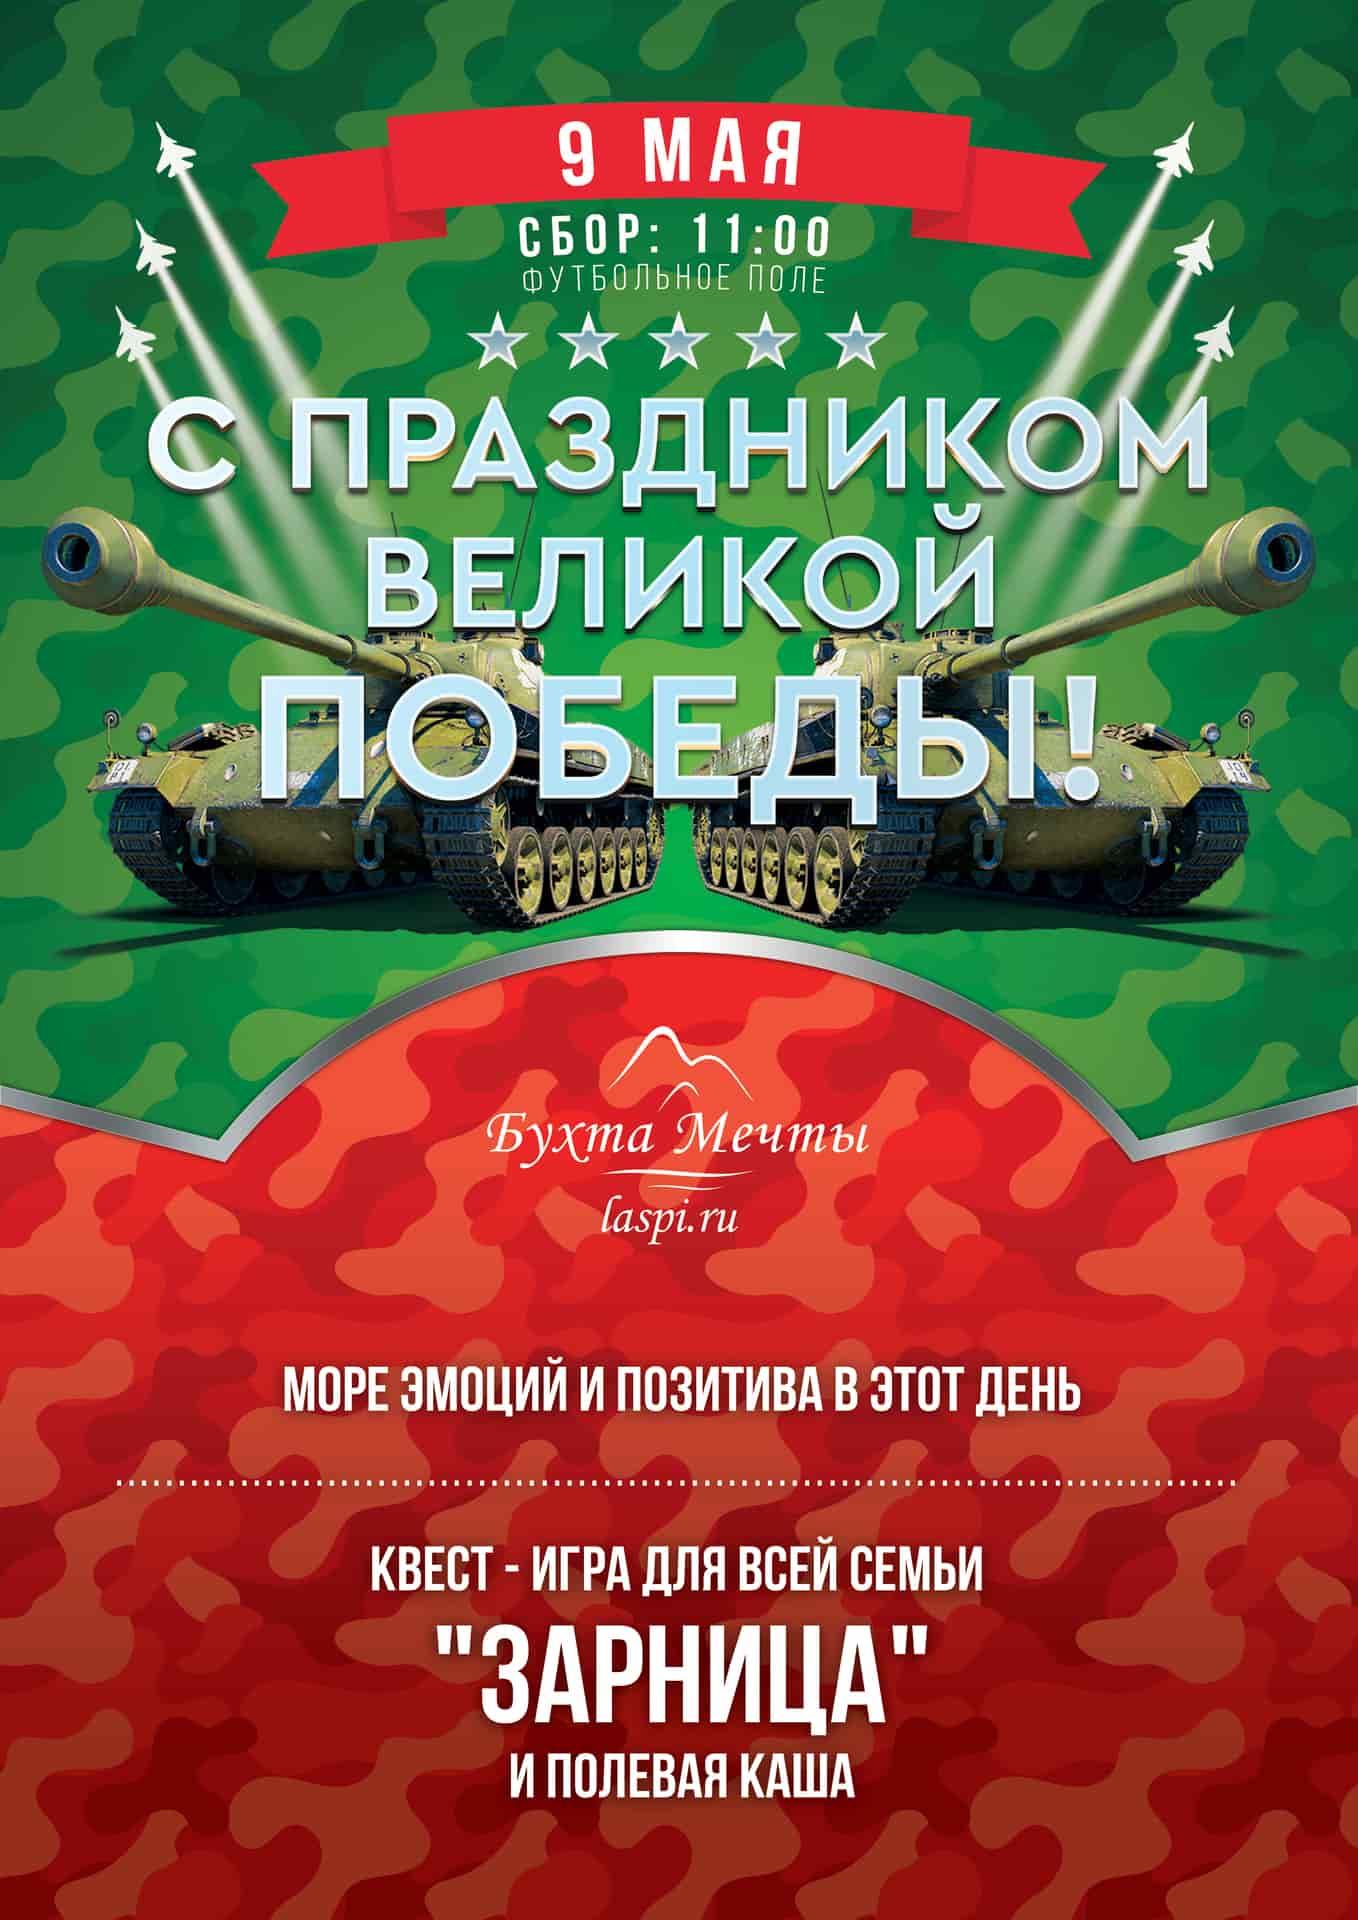 Праздник Великой Победы 9 Мая в гостинице Бухта Мечты